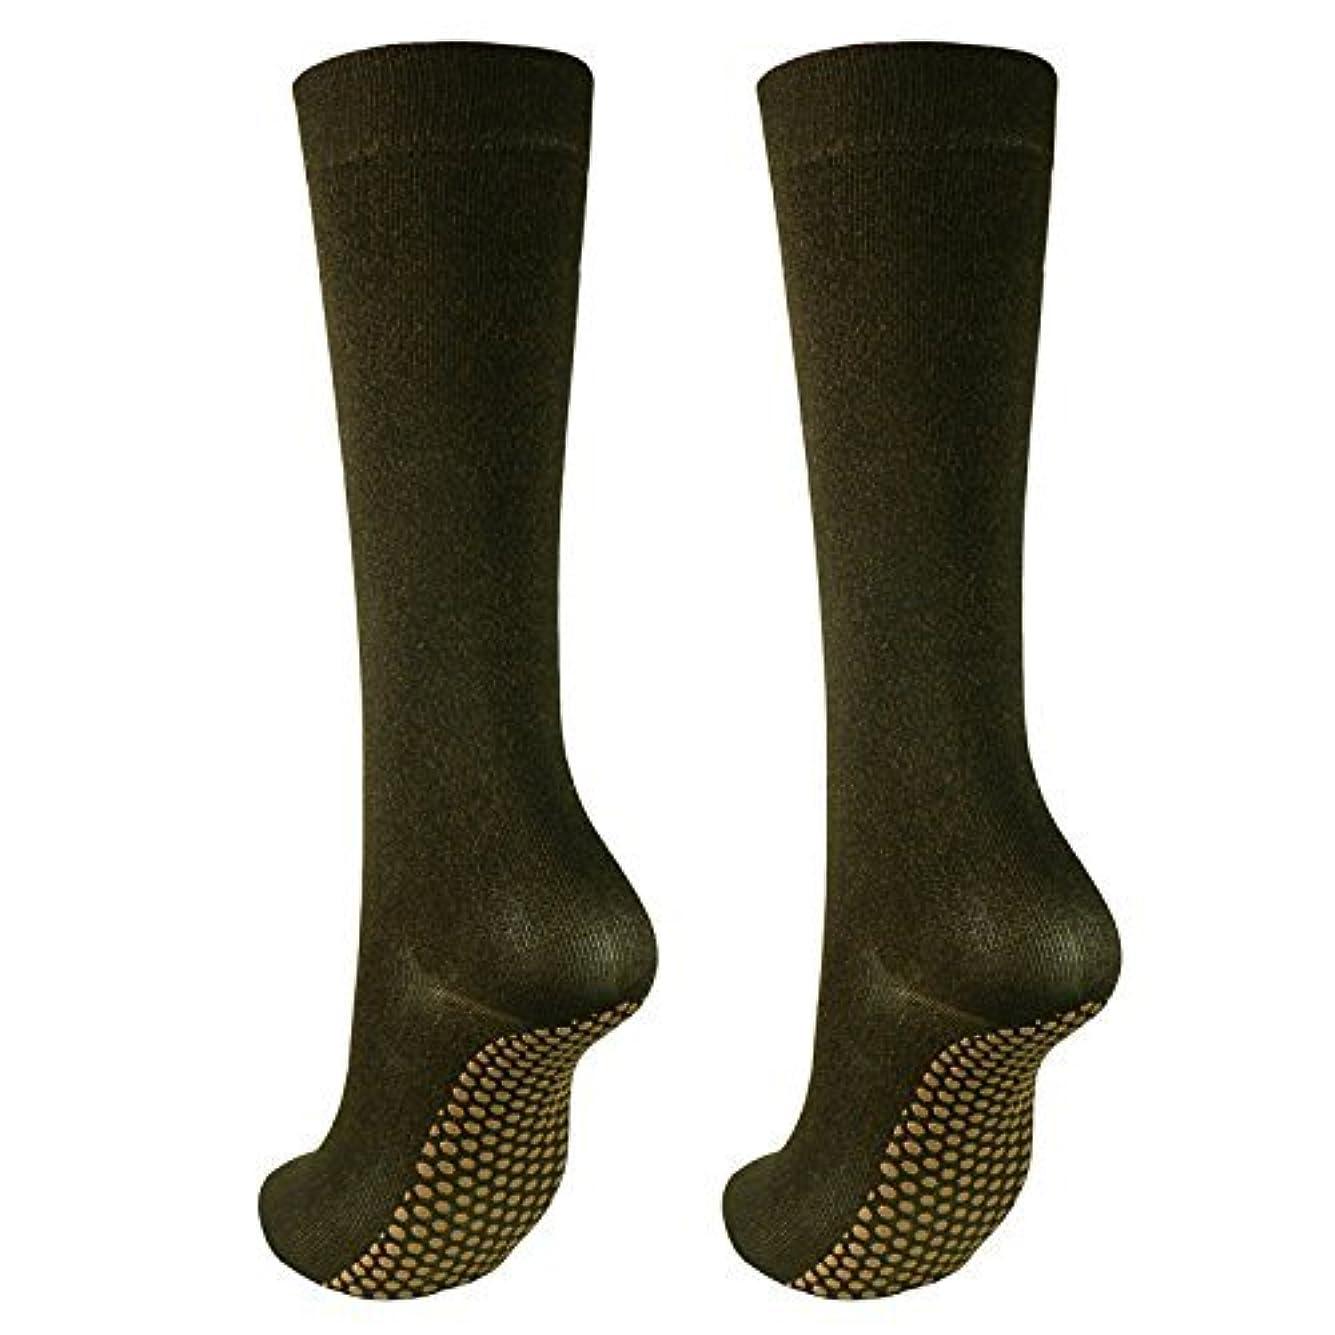 怖がらせる嵐の矢銅繊維靴下「足もとはいつも青春」ハイソックスタイプ2足セット?静電気対策にも